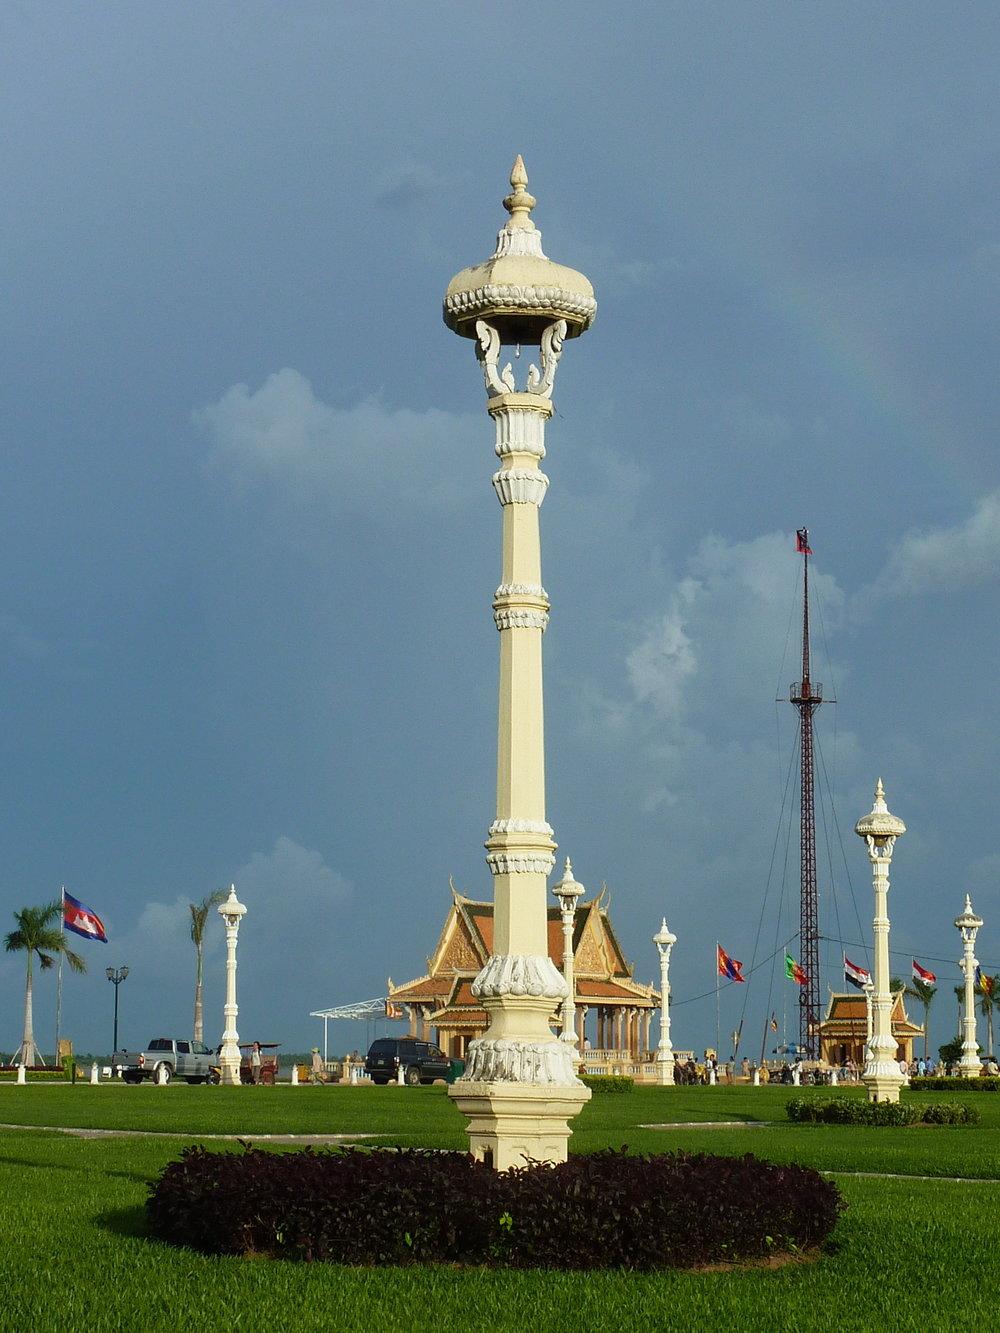 Jedna z pięknie zdobionych latarni na placu przy Pałacu Królewskim.